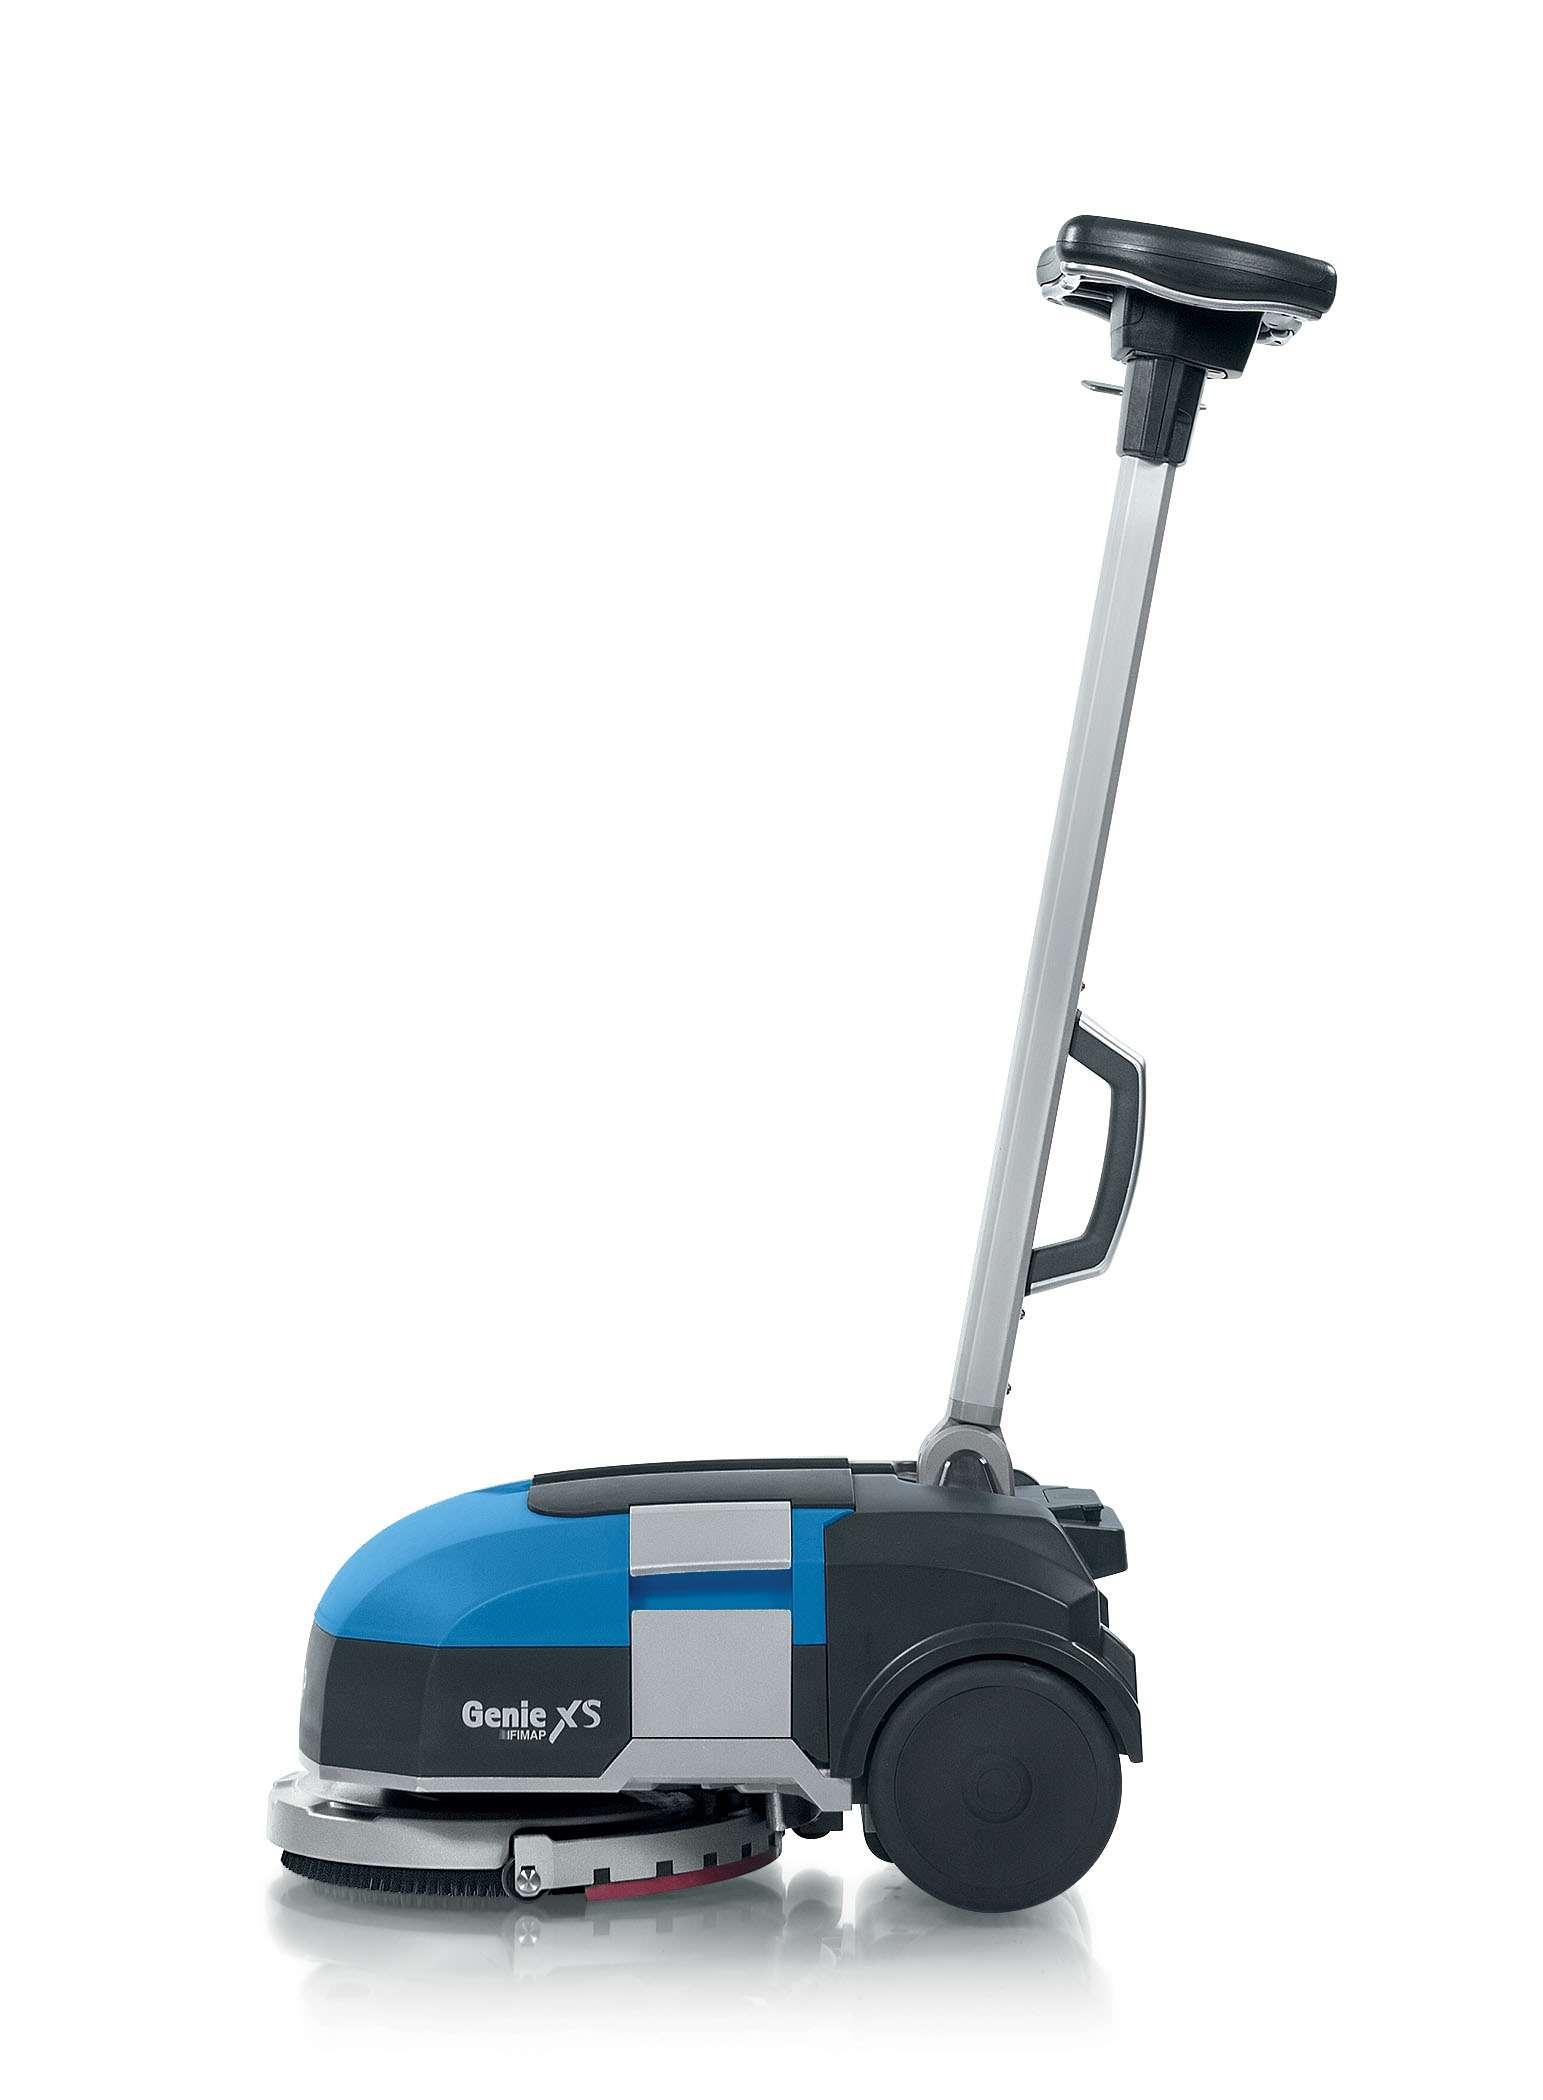 Conquest Genie Xs Mini Scrubber Powervac Cleaning